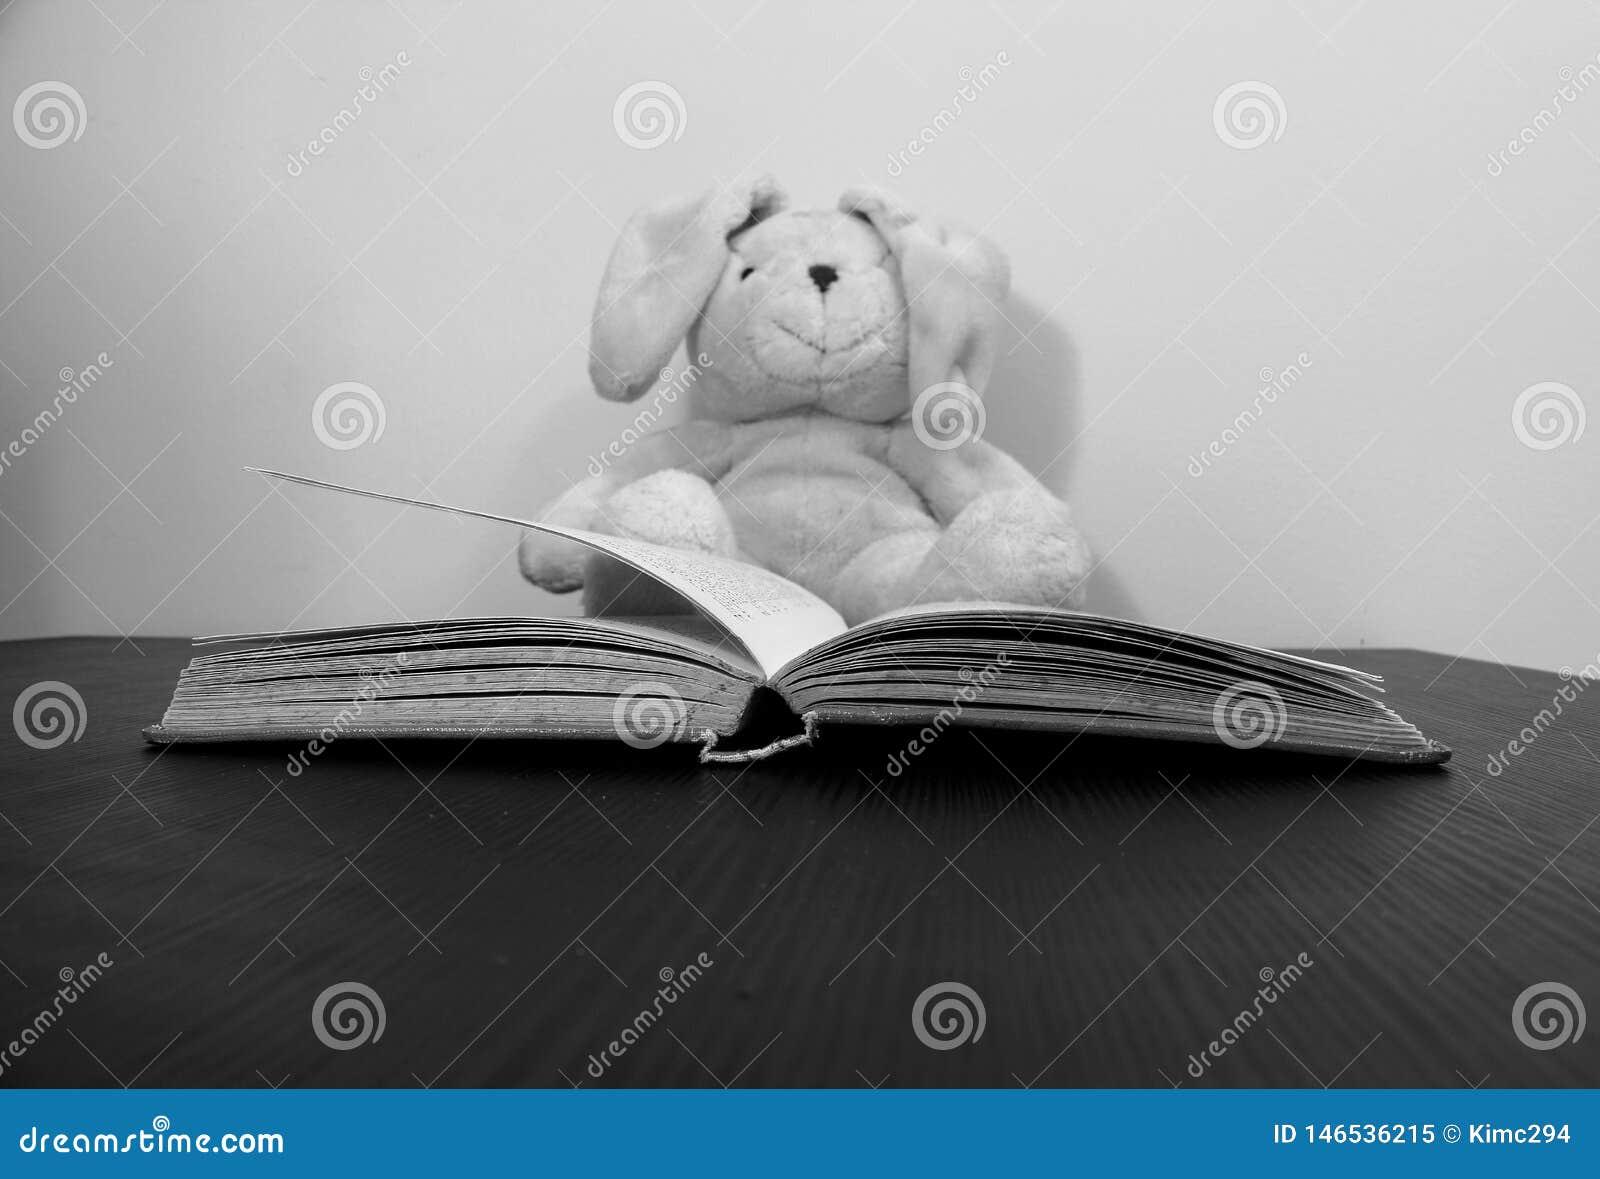 Ένα ανοικτό βιβλίο βρίσκεται σε έναν πίνακα Ένα παιχνίδι βελούδου, που θολώνεται ελαφρώς, βλέπει καθμένος στο υπόβαθρο